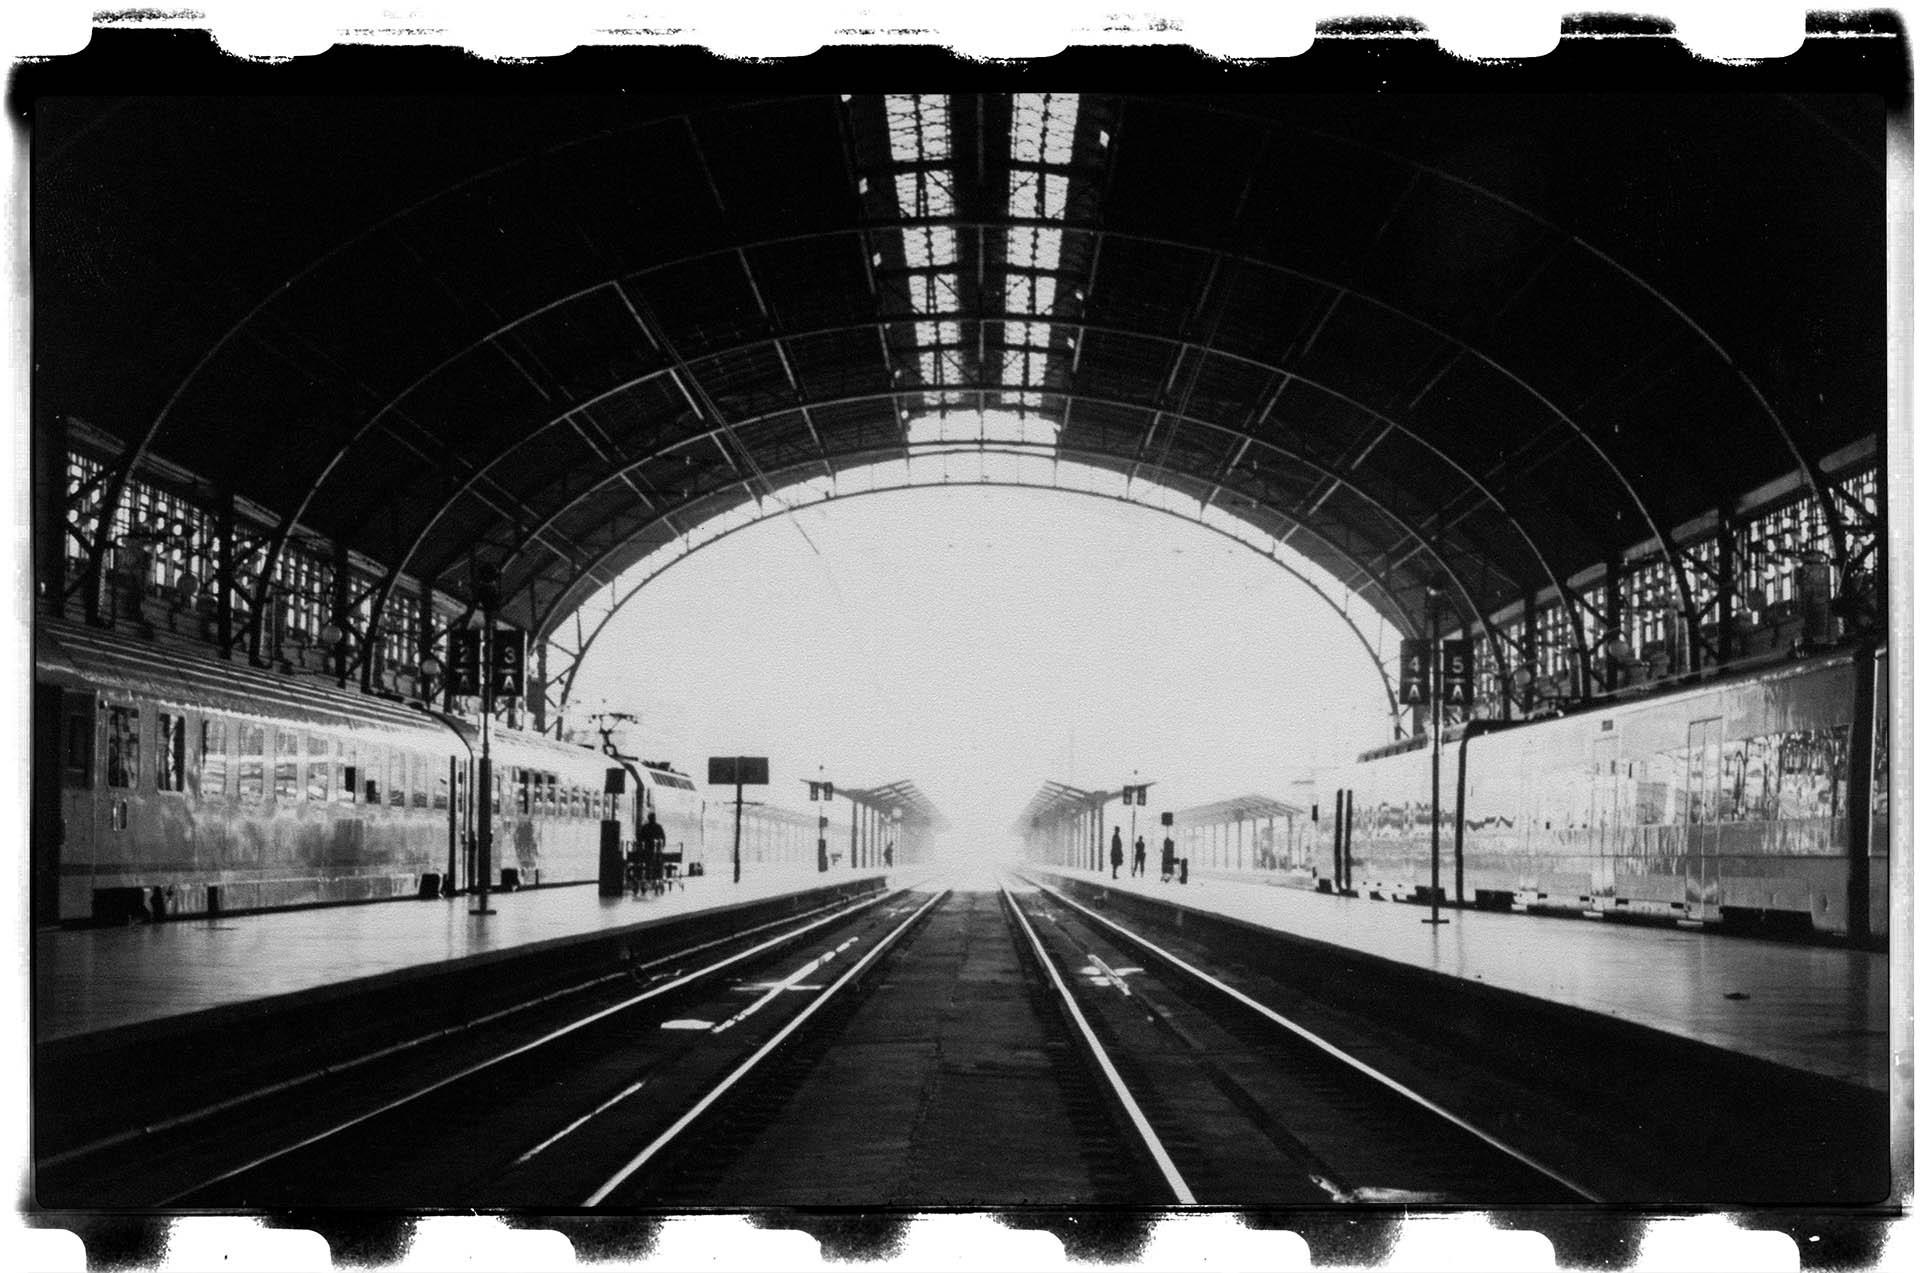 Estación del Norte con trenes a los lados